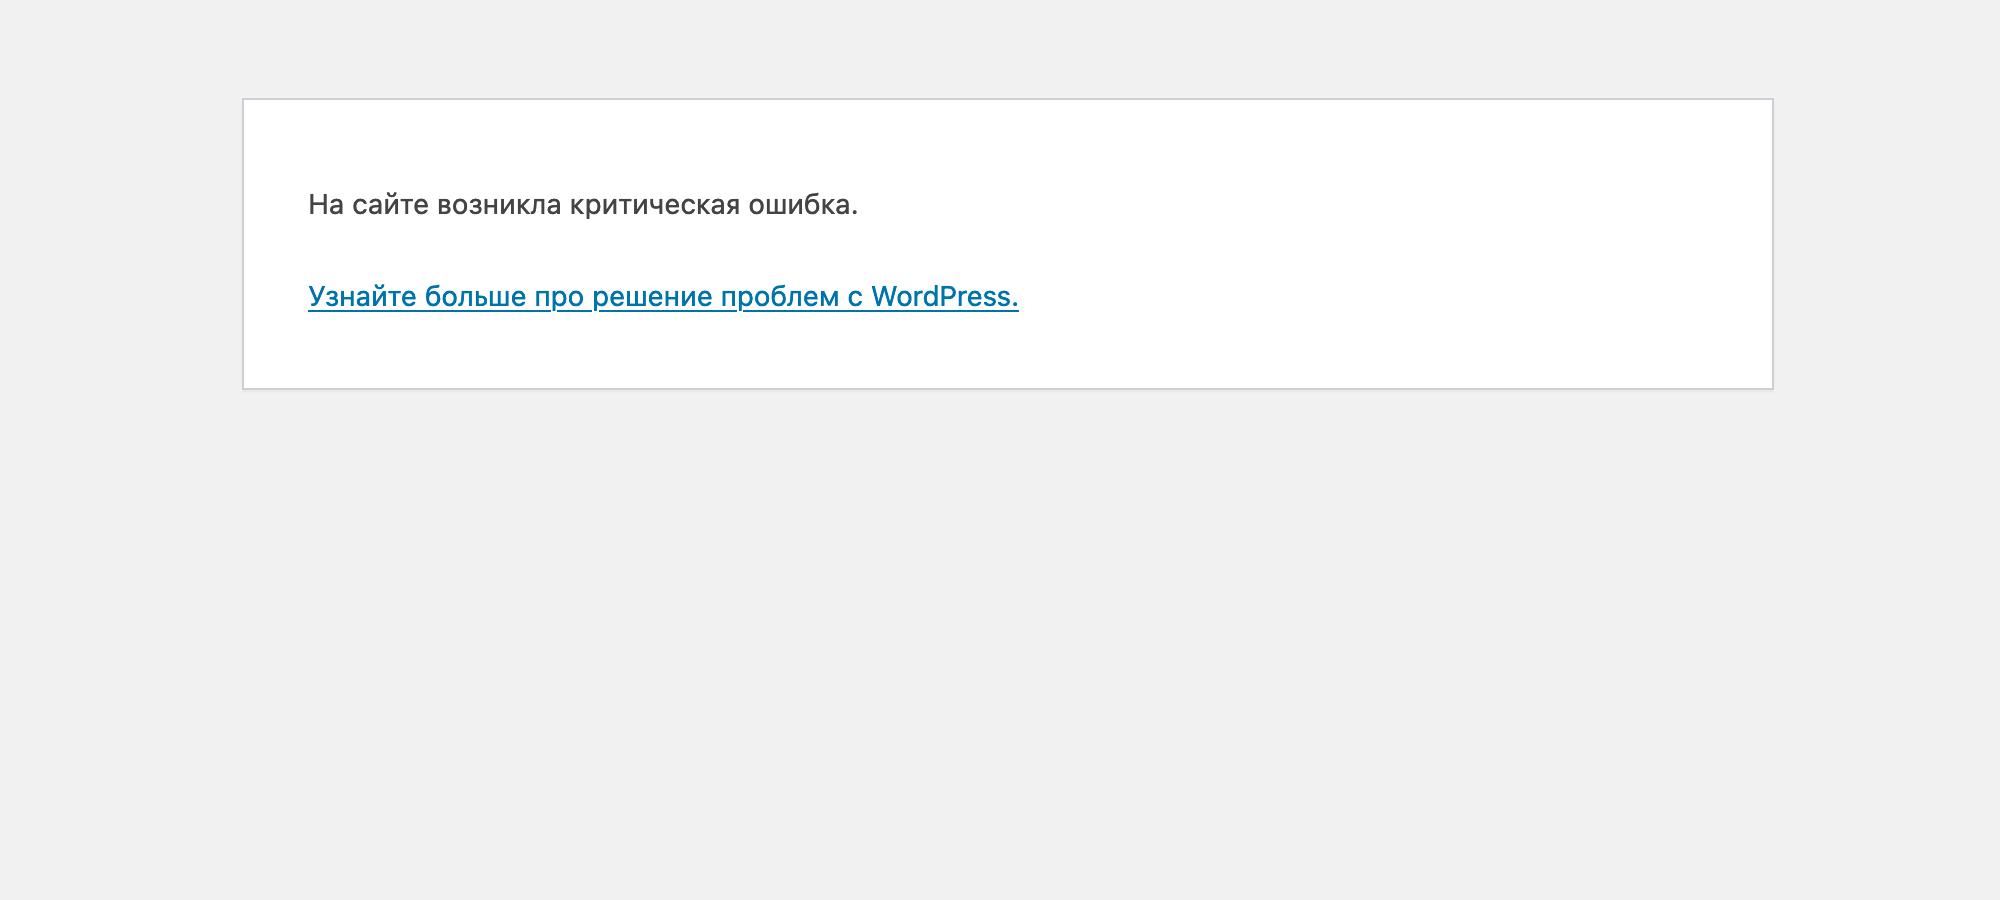 Такая страница на сайте на WordPress означает, что это ошибка 500.